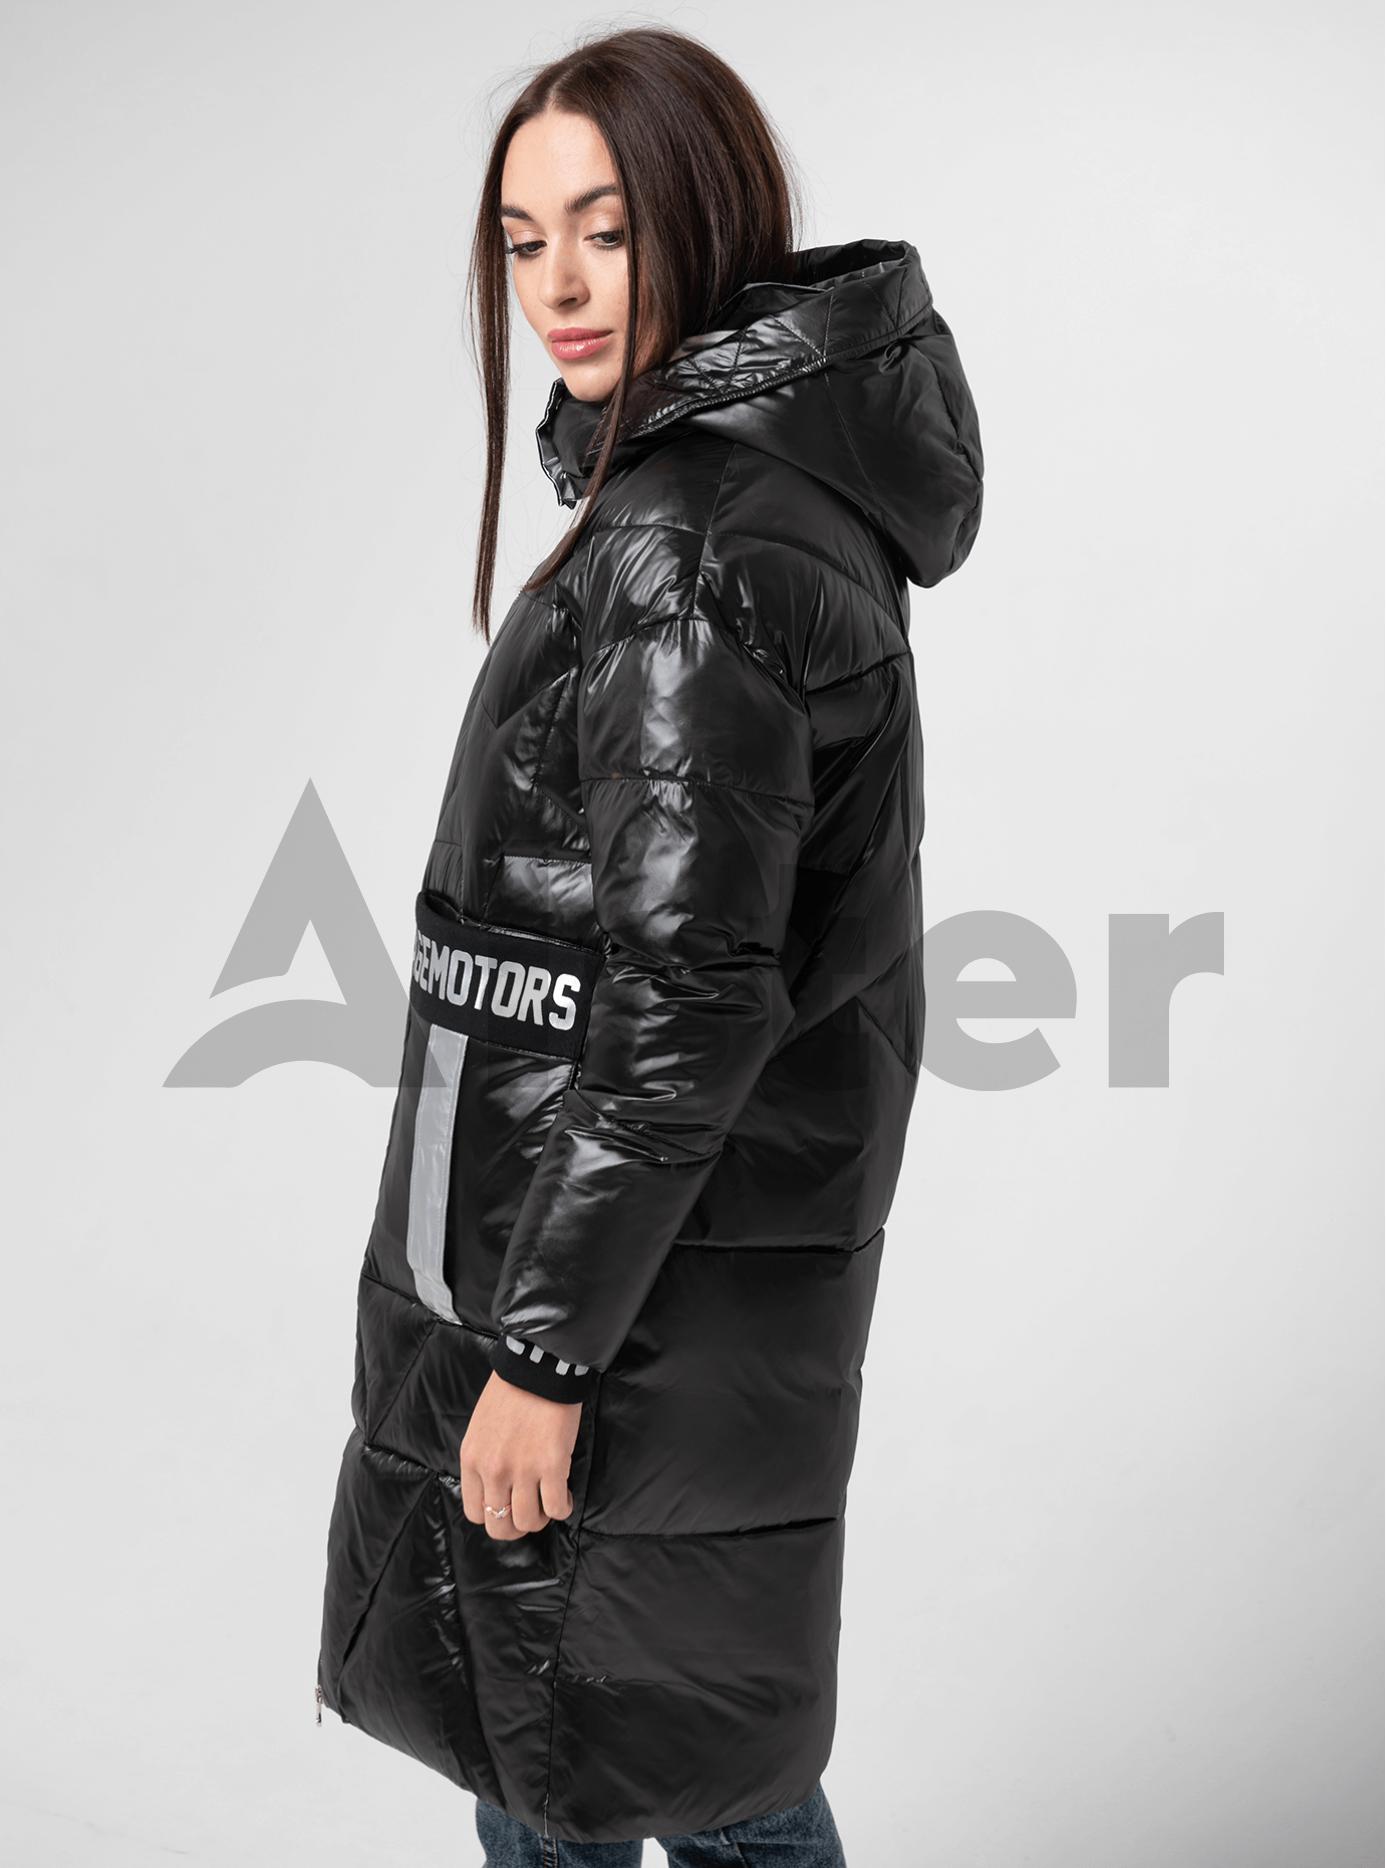 Куртка зимняя длинная со звездами Чёрный S (05-V191111): фото - Alster.ua